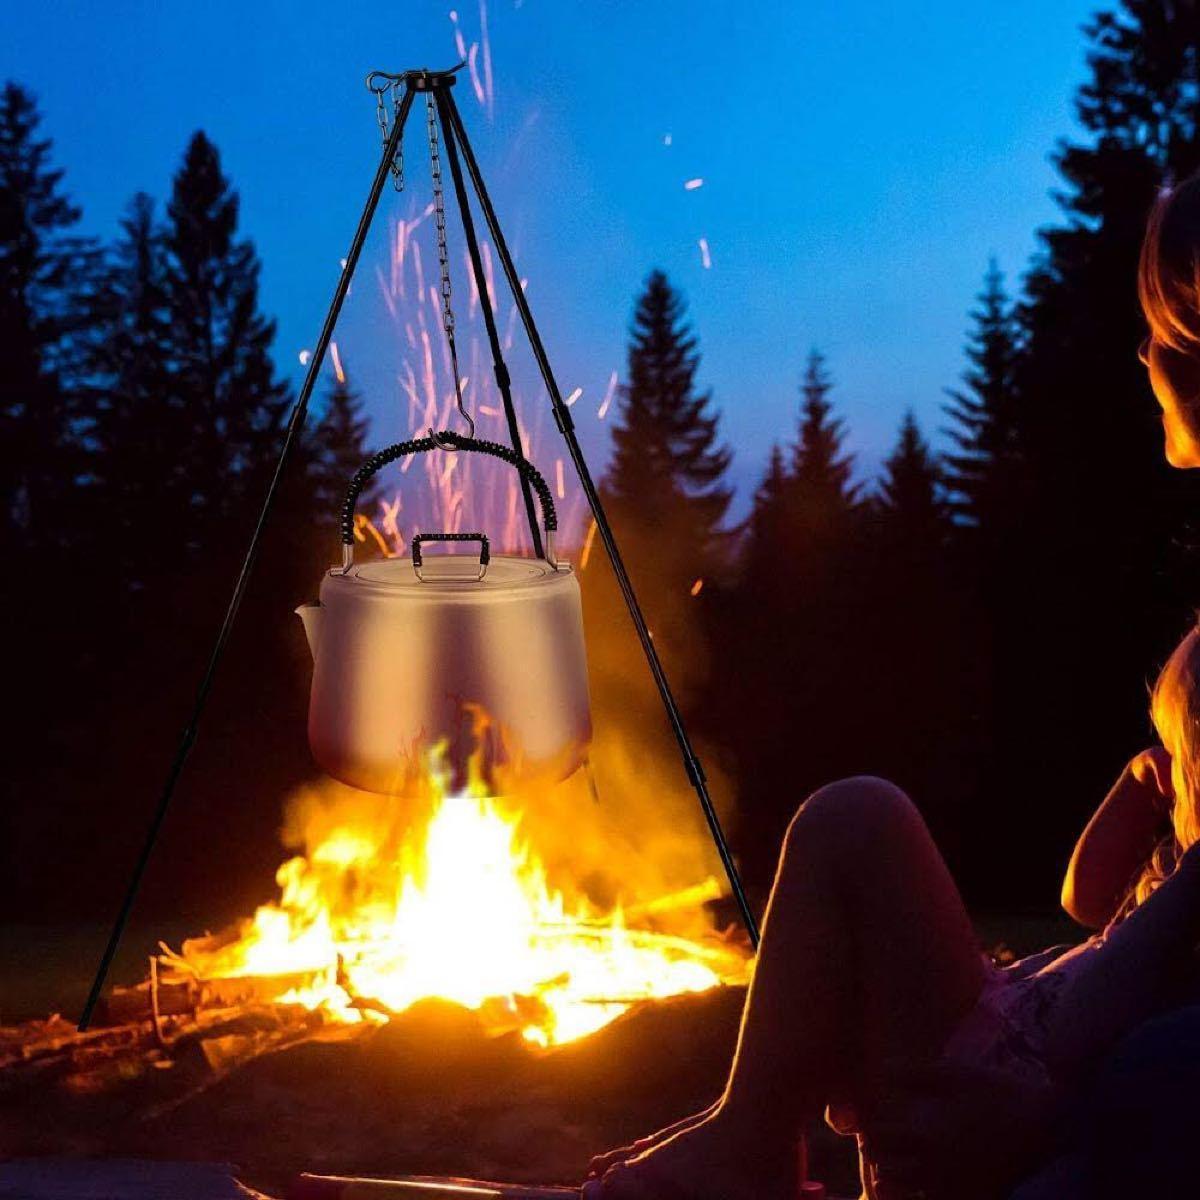 トライポッド 黒 焚き火三脚 キャンプ 超軽量 丈夫 最大耐重量10kg 収納付 調理器具 焚き火台 アウトドア用品 BBQコンロ